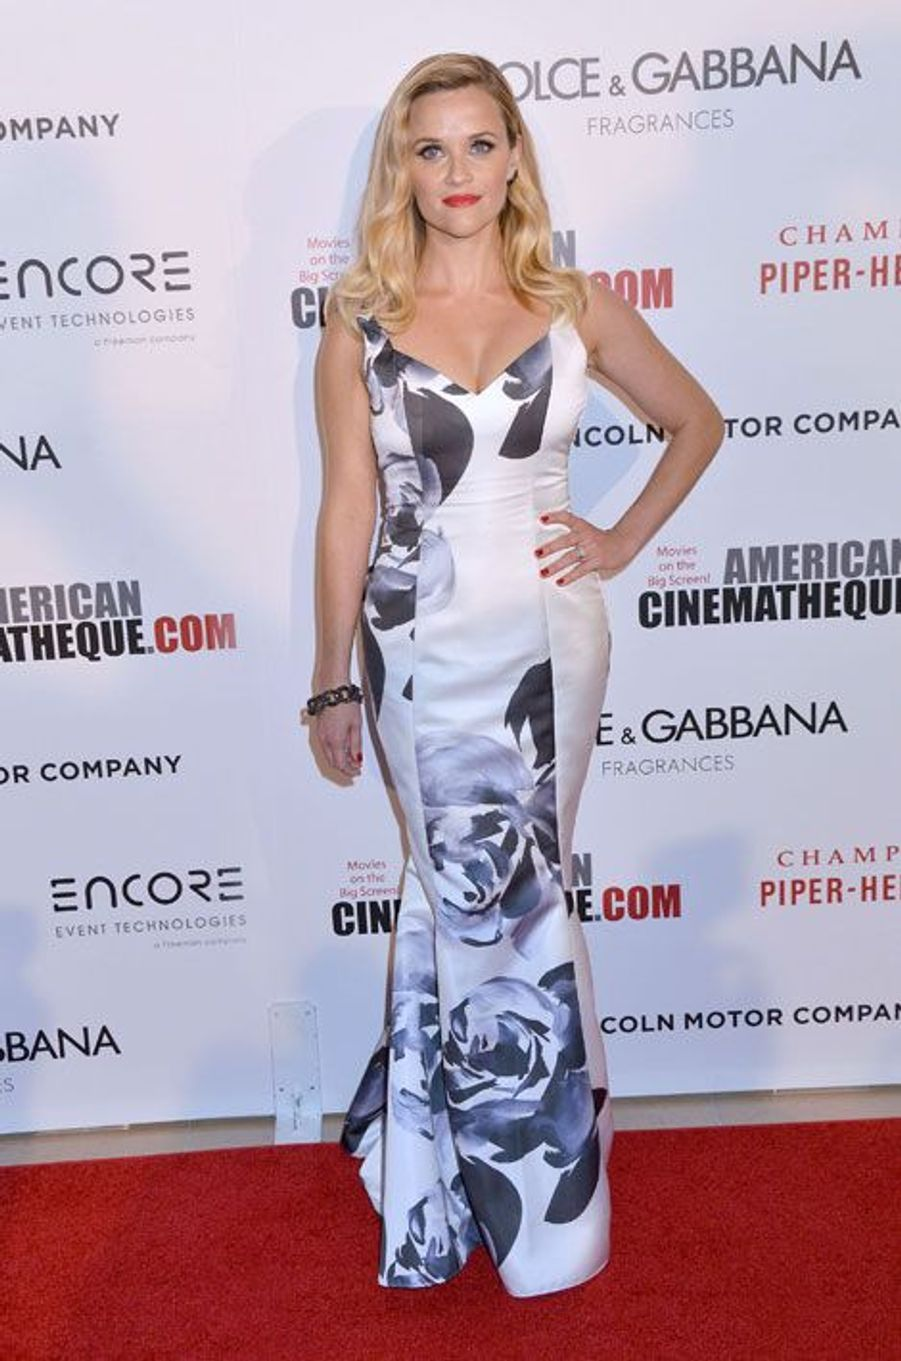 L'actrice Reese Witherspoon en Prabal Gurunglors de la cérémonie des American Cinematheque Awards à Beverly Hills, le 21 octobre 2014